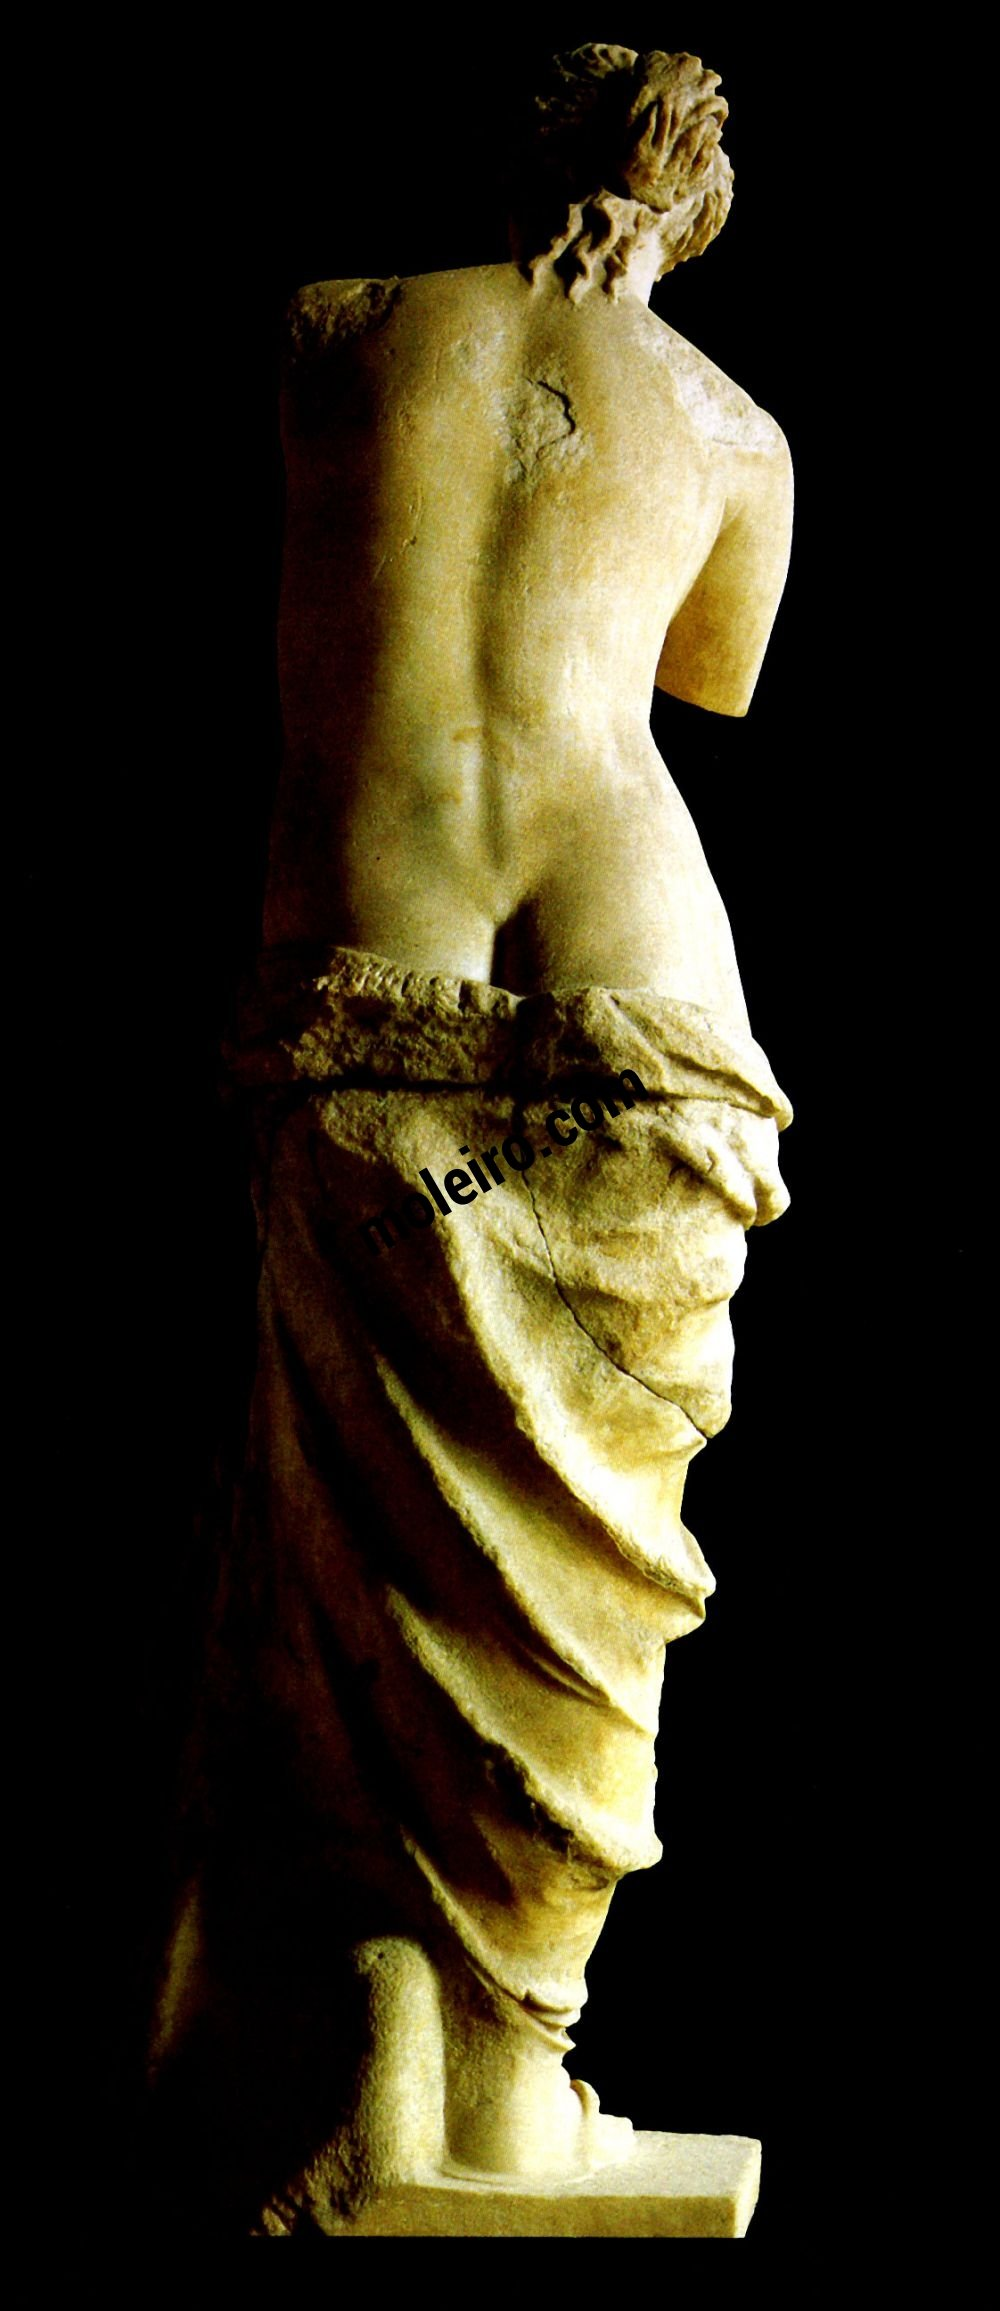 Mujeres. Mitologías Aphrodite appelée Vénus de Milio, art hellénistique, vers 100 avant notre ère.